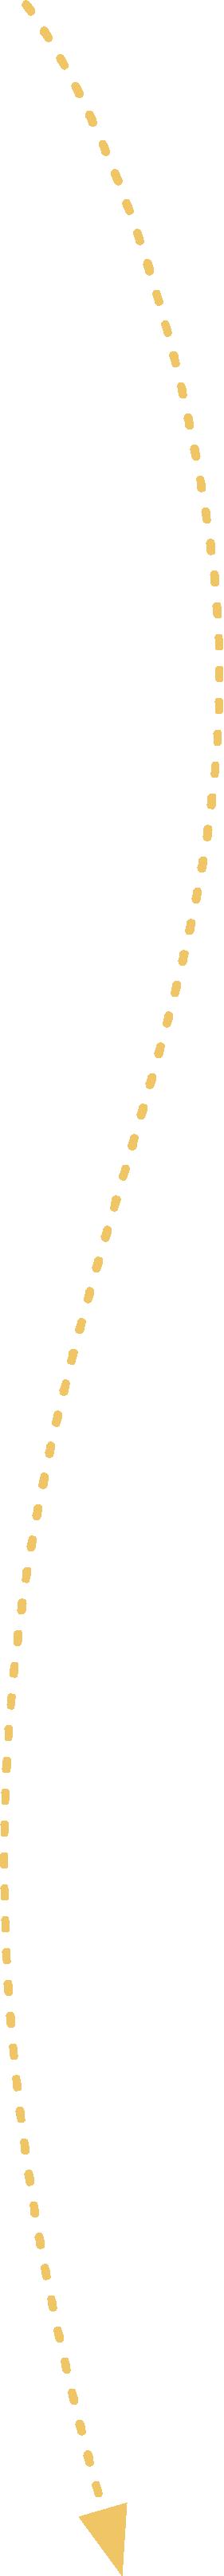 Flèche-3